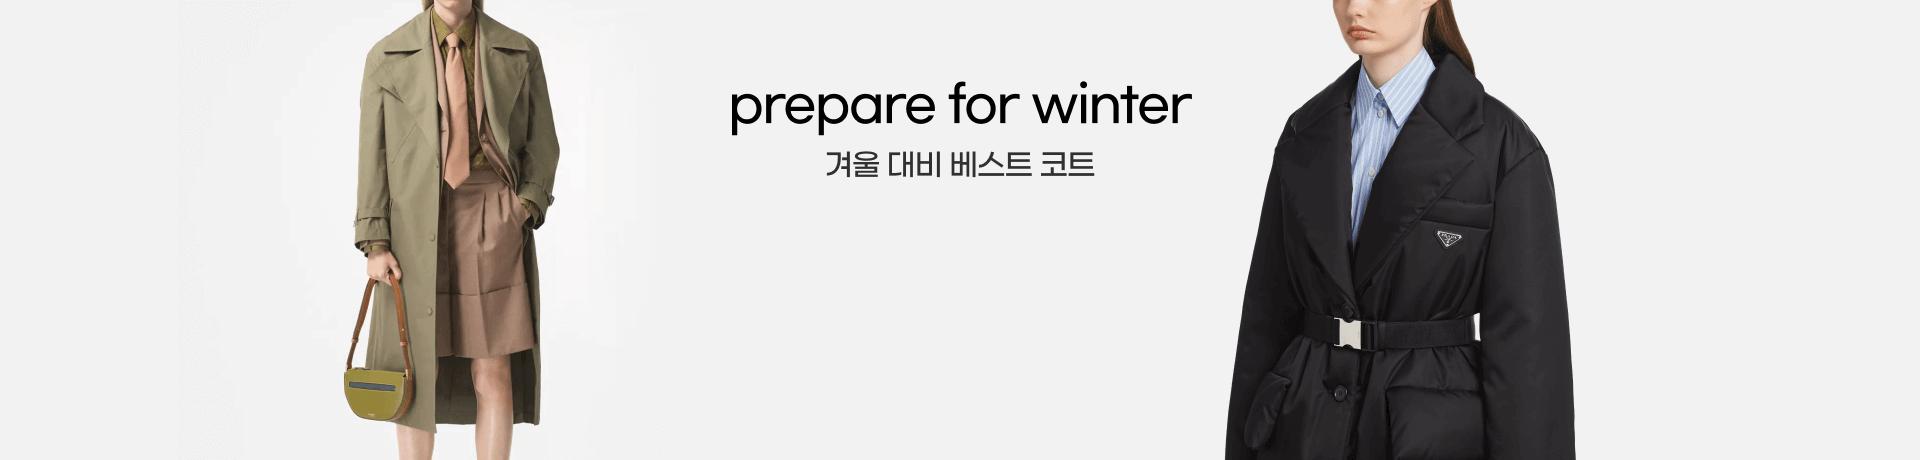 211012_sy_prepare-for-winter_pc_f2f2f2